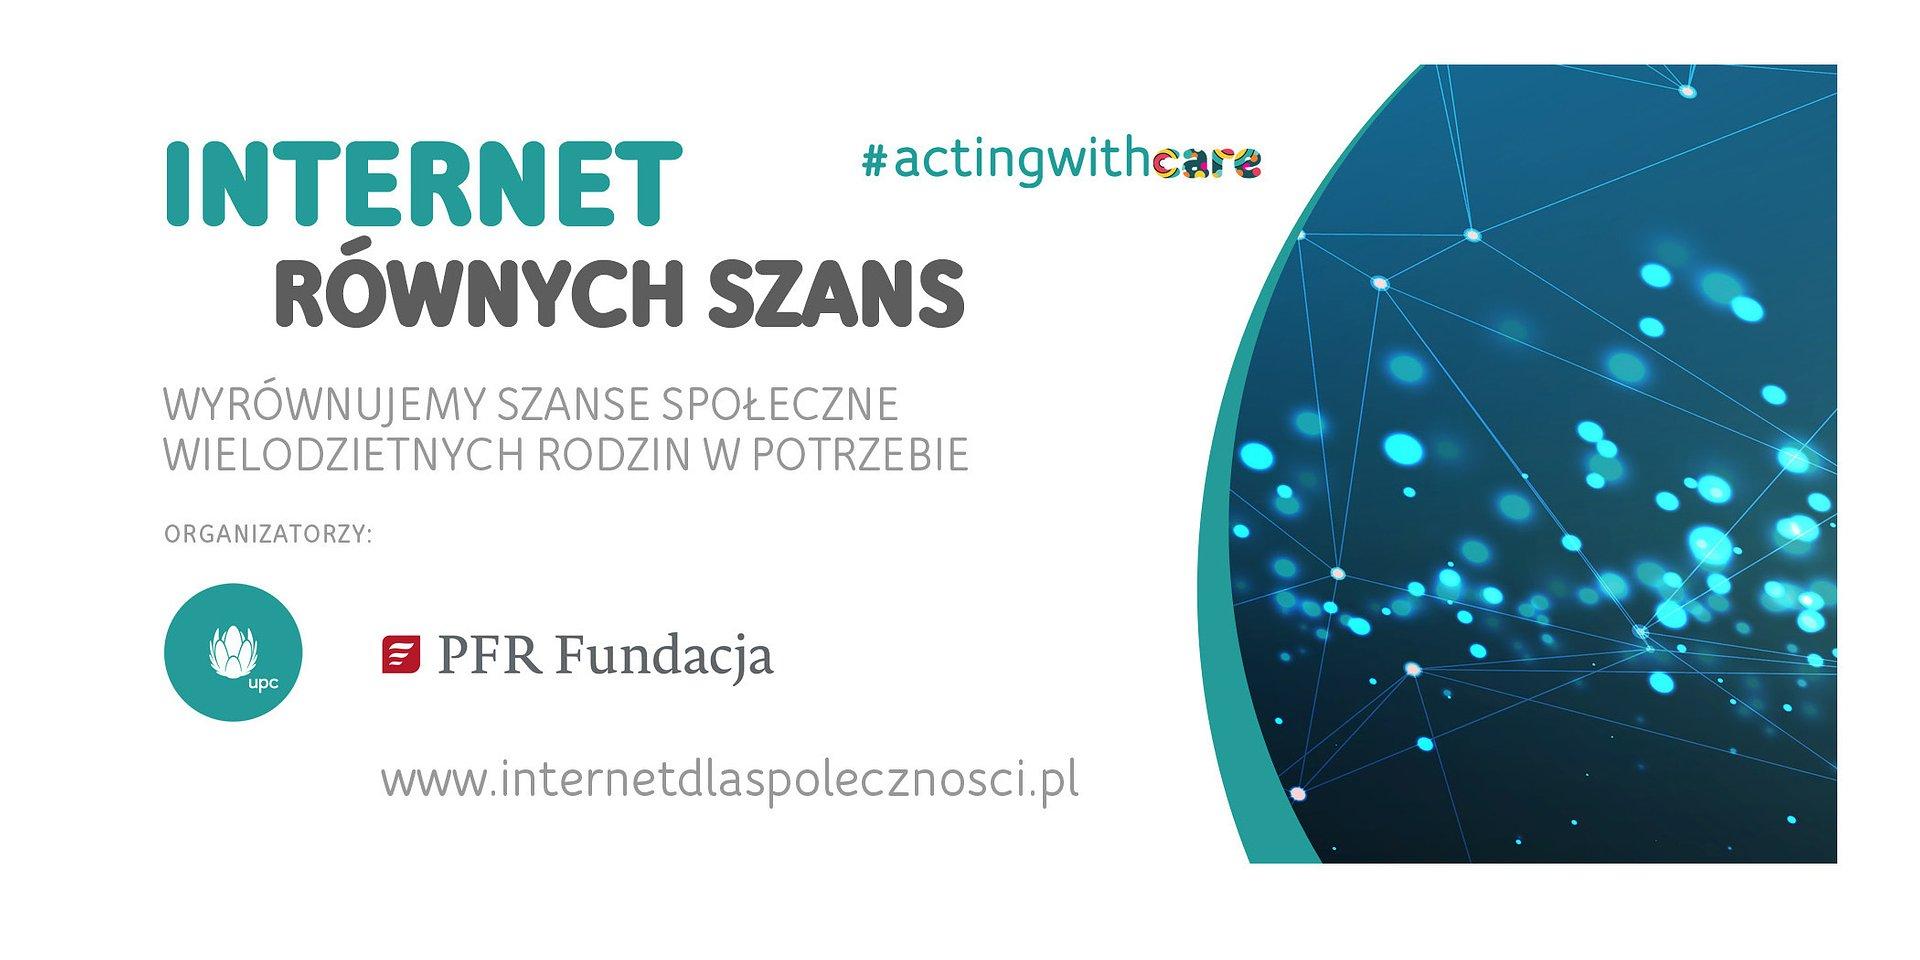 UPC Polska i Fundacja PFR uruchamiają inicjatywę Internet Równych Szans